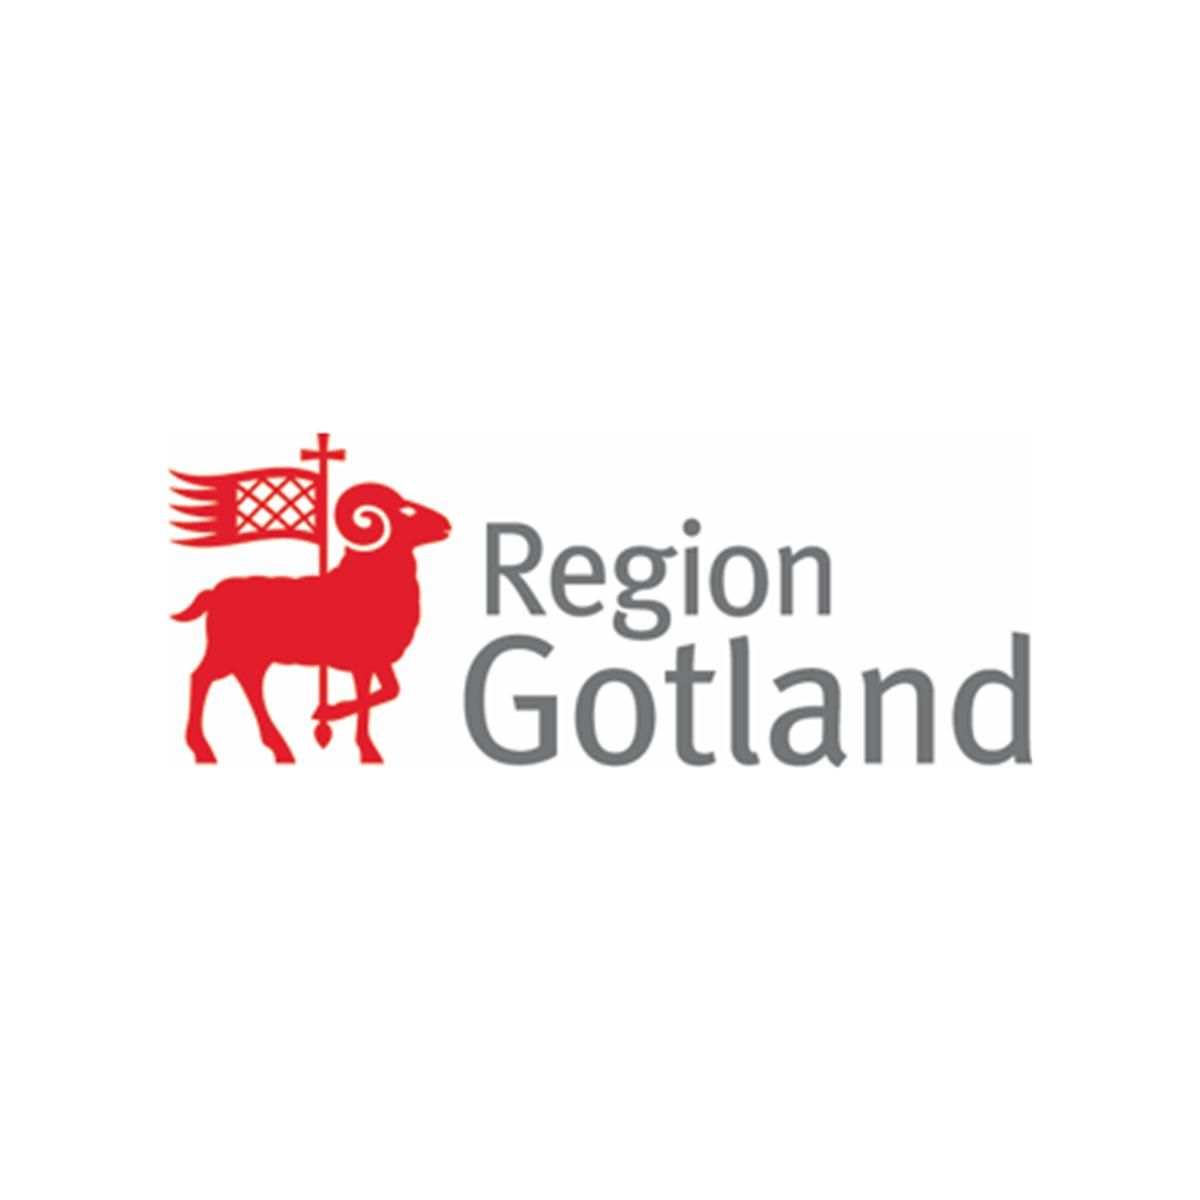 REGION-GOTLAND